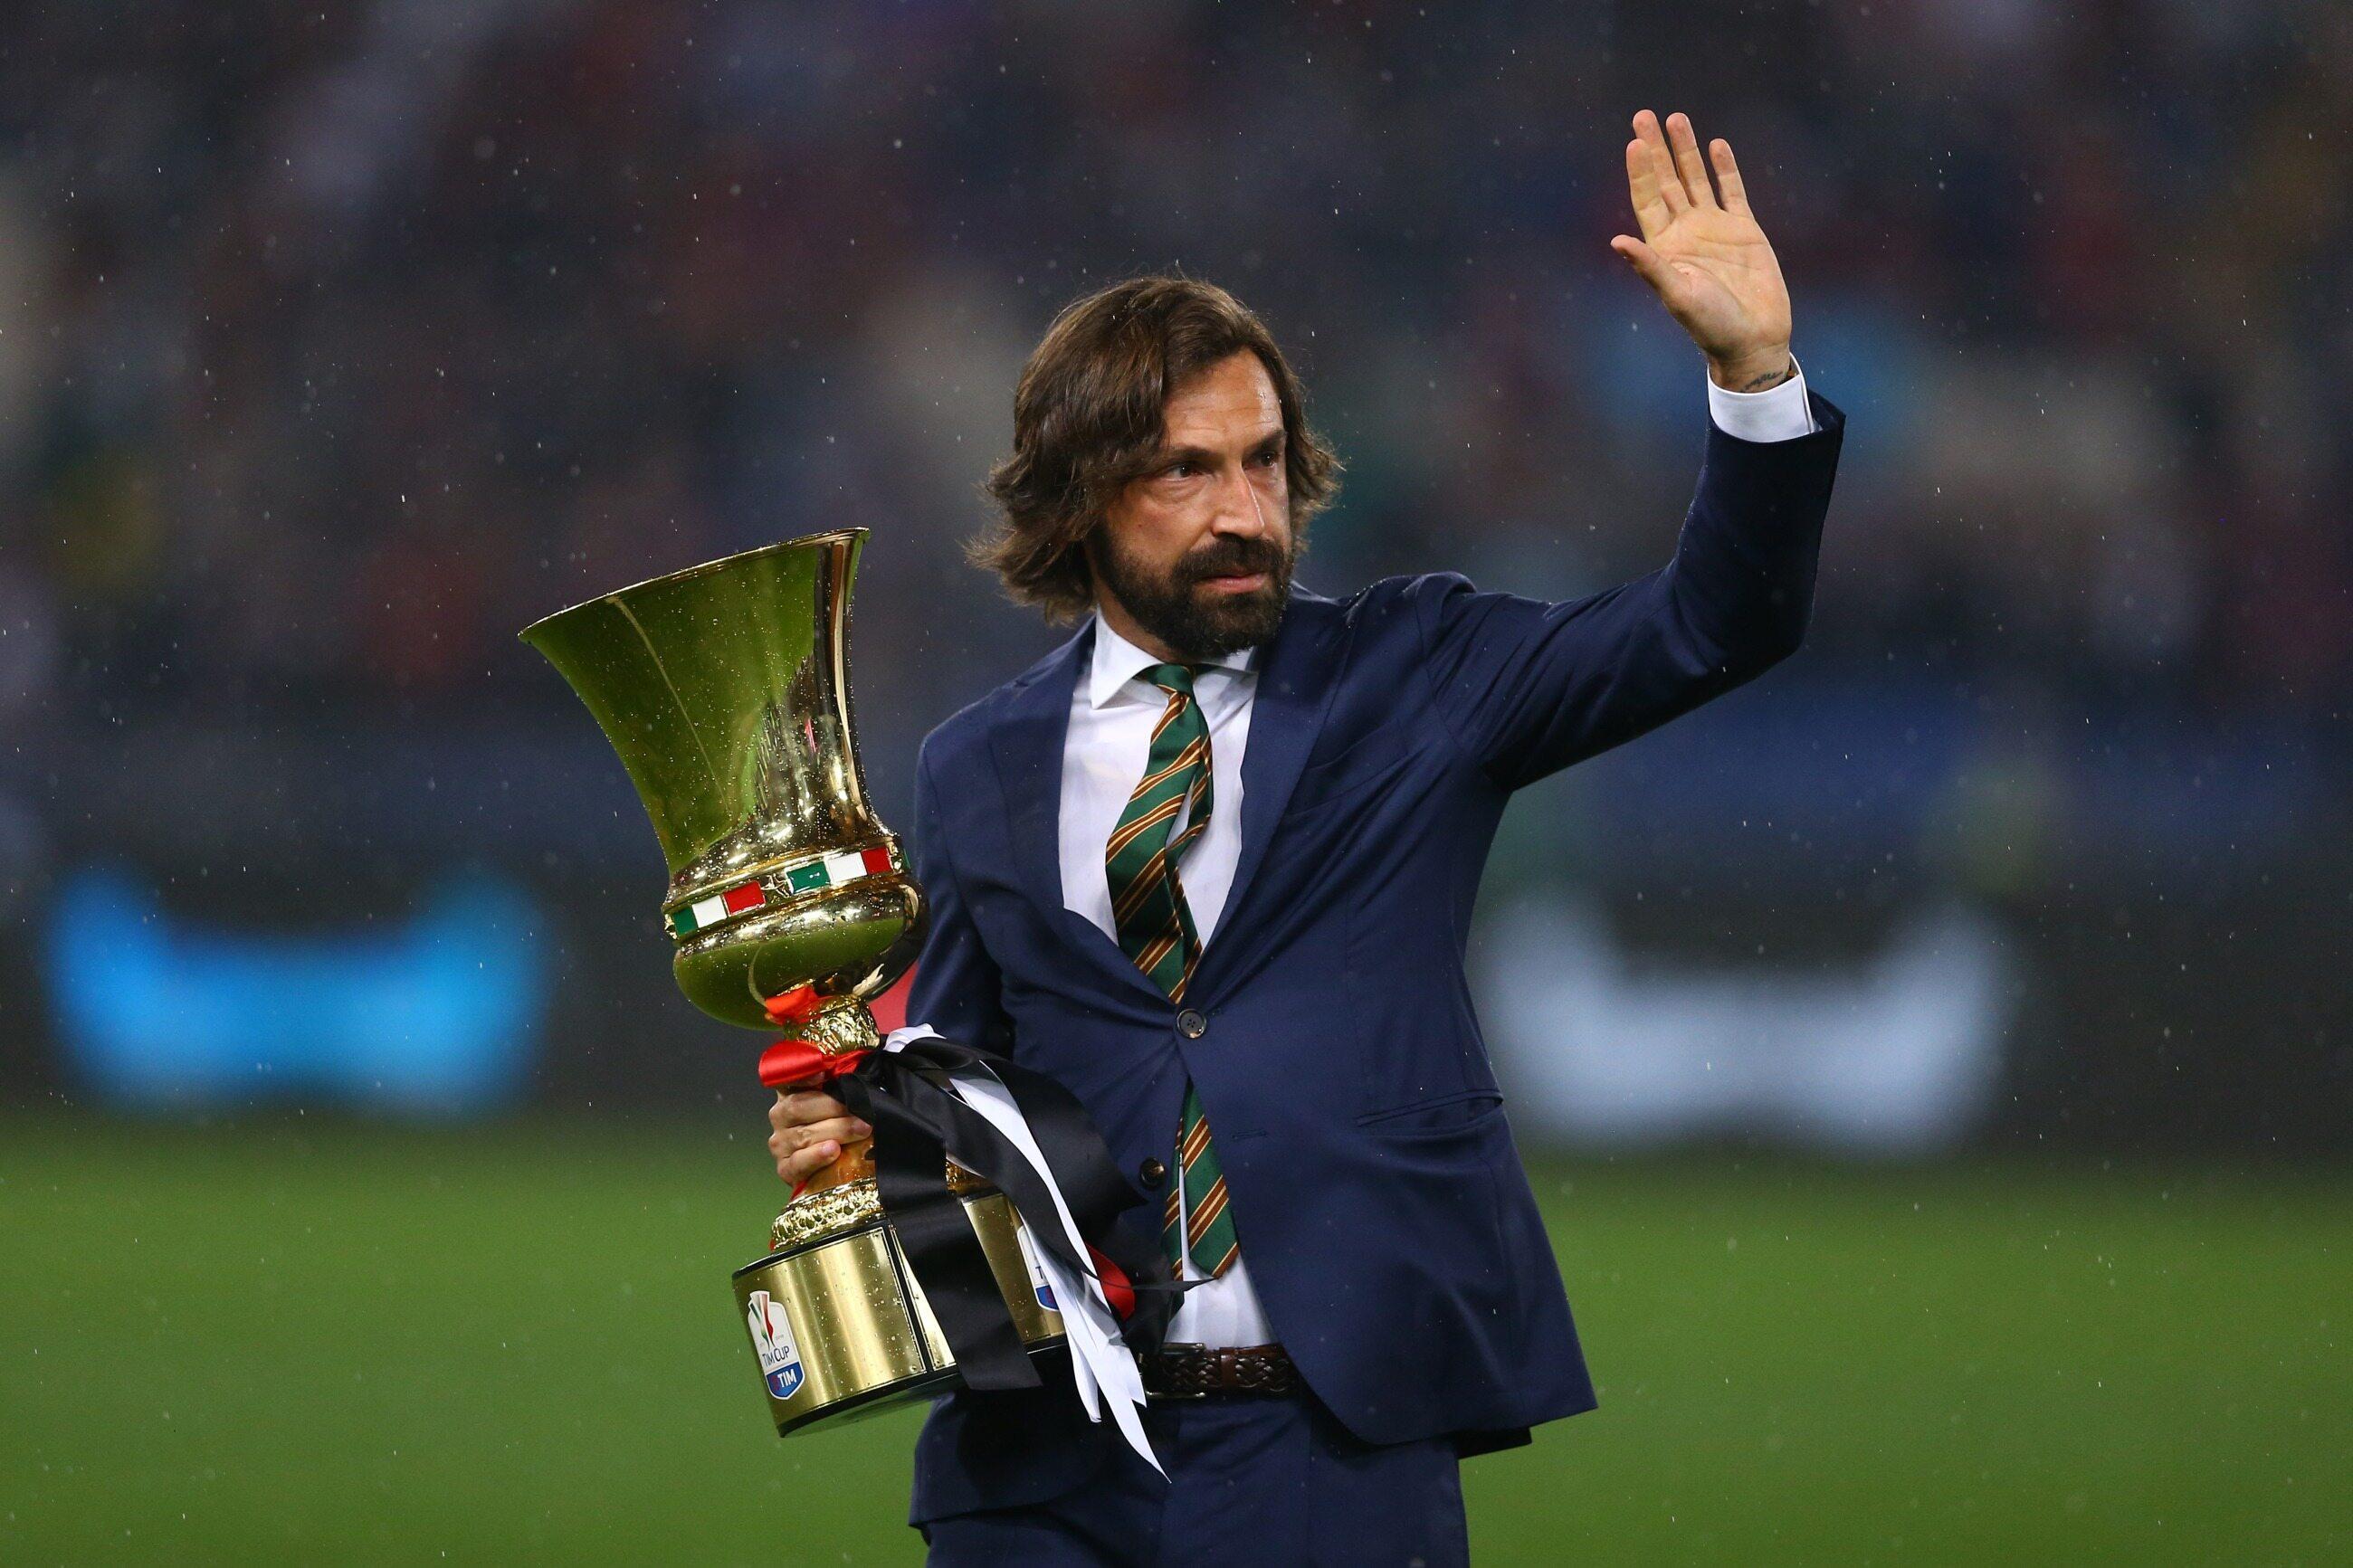 Andrea Pirlo nowym trenerem Juventusu. Nieoczekiwana zmiana w klubie z Turynu